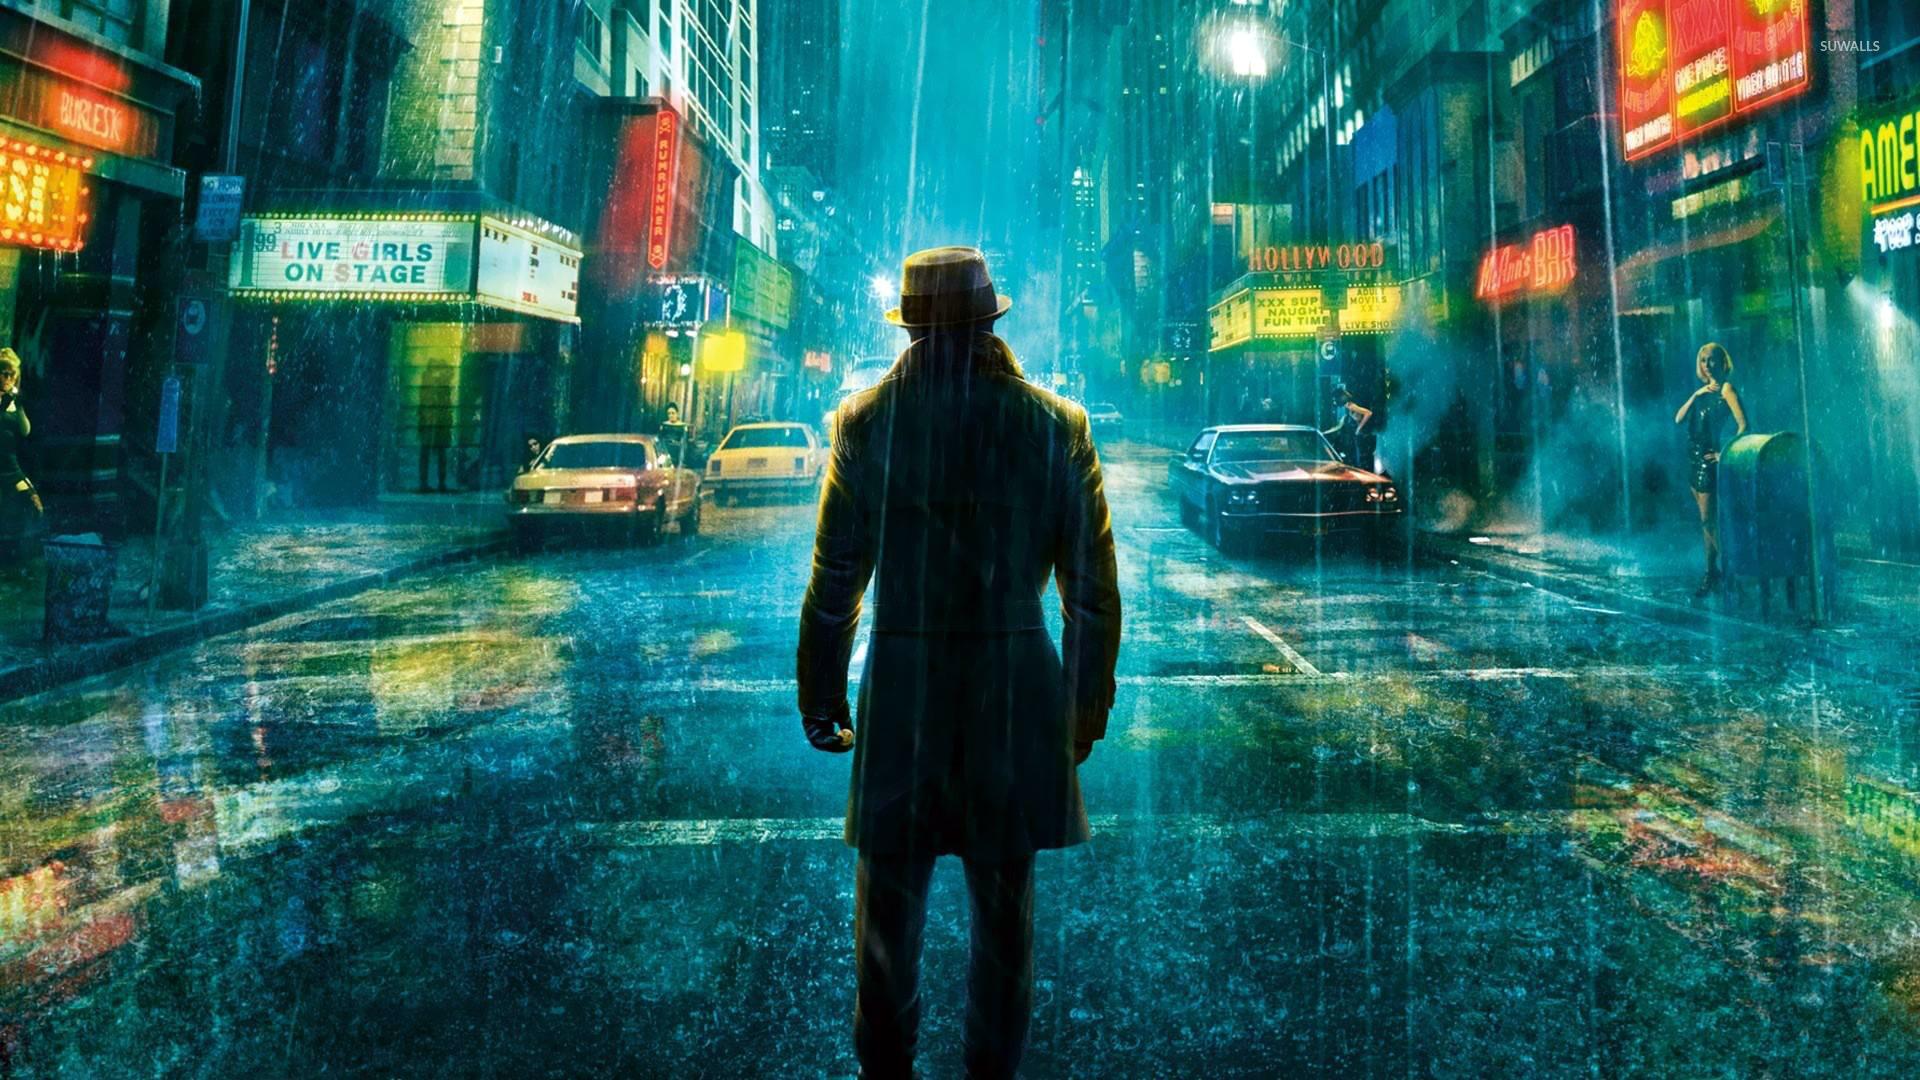 Rorschach - Watchmen wallpaper